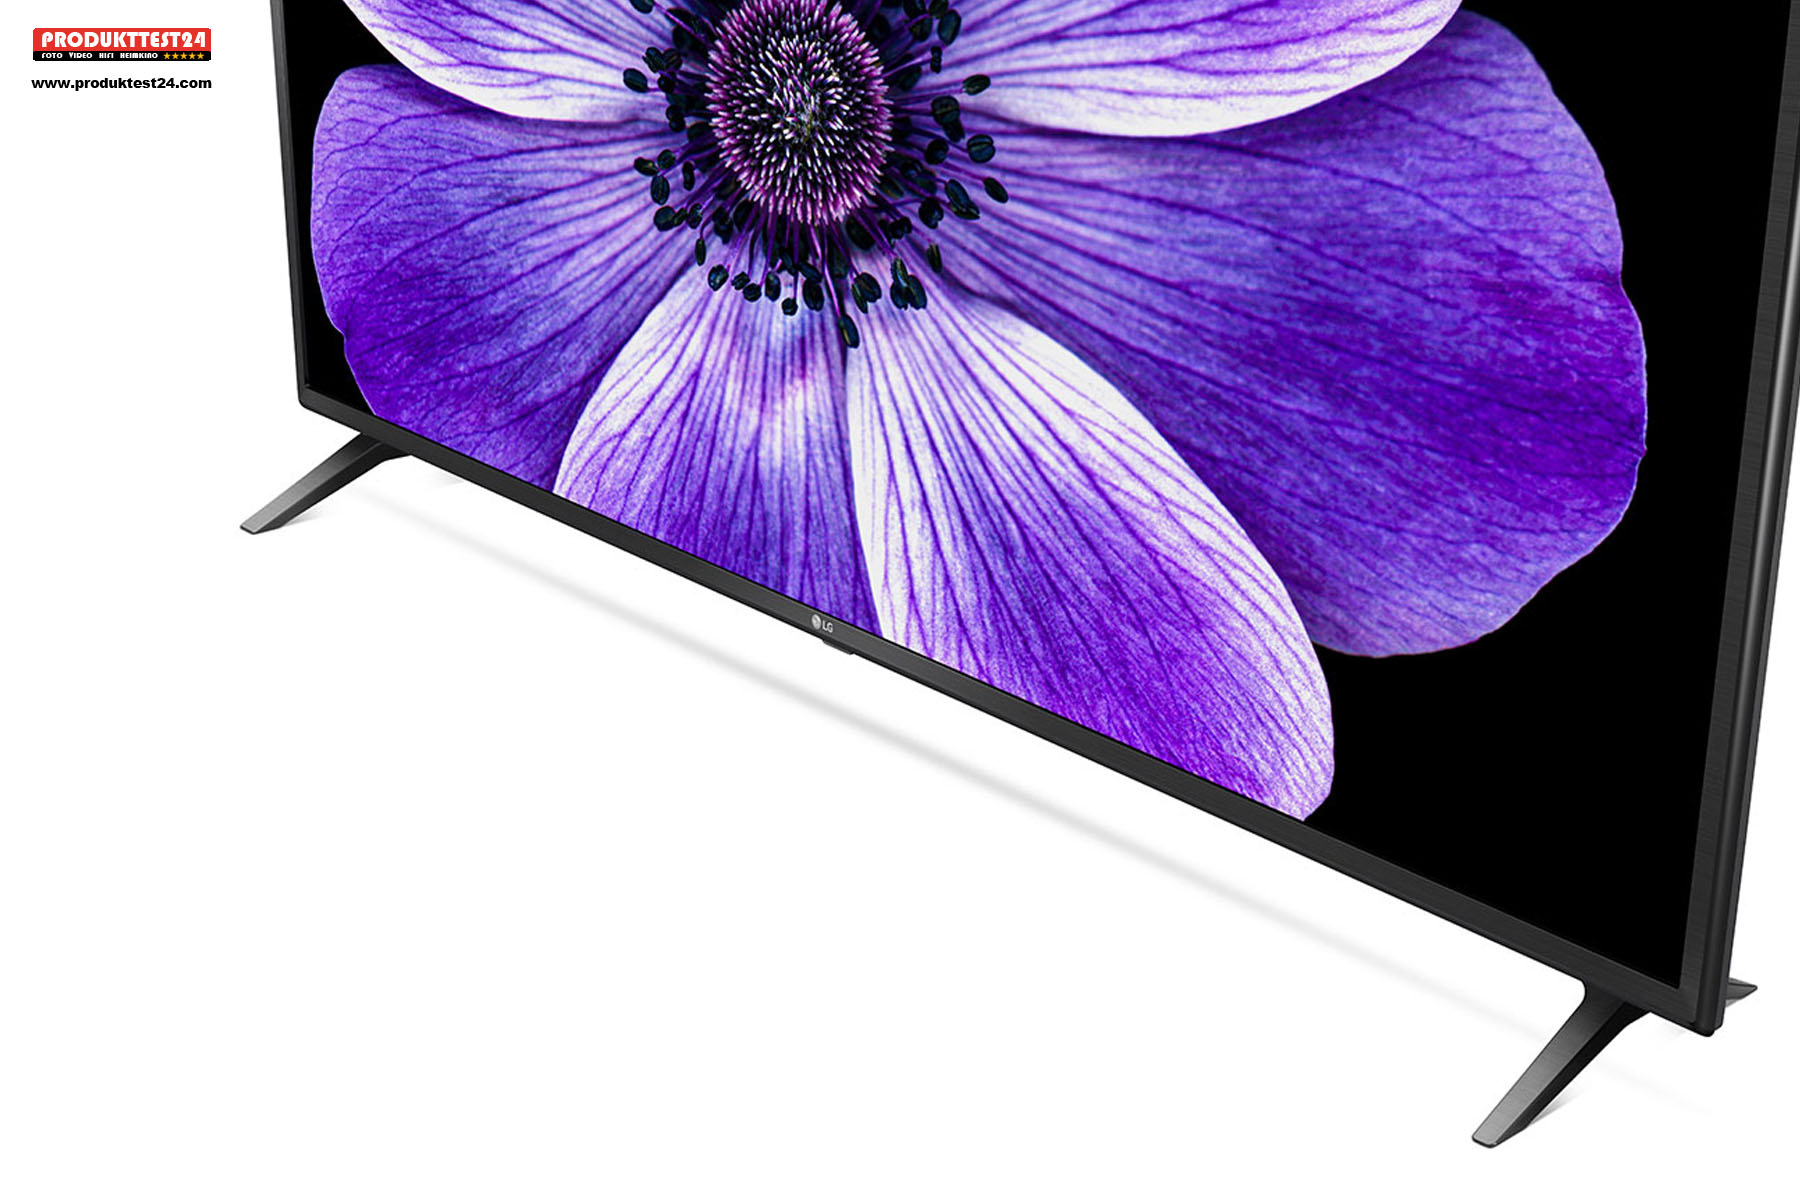 LG 55UN71006LB - UHD 4K Fernseher mit Smart TV